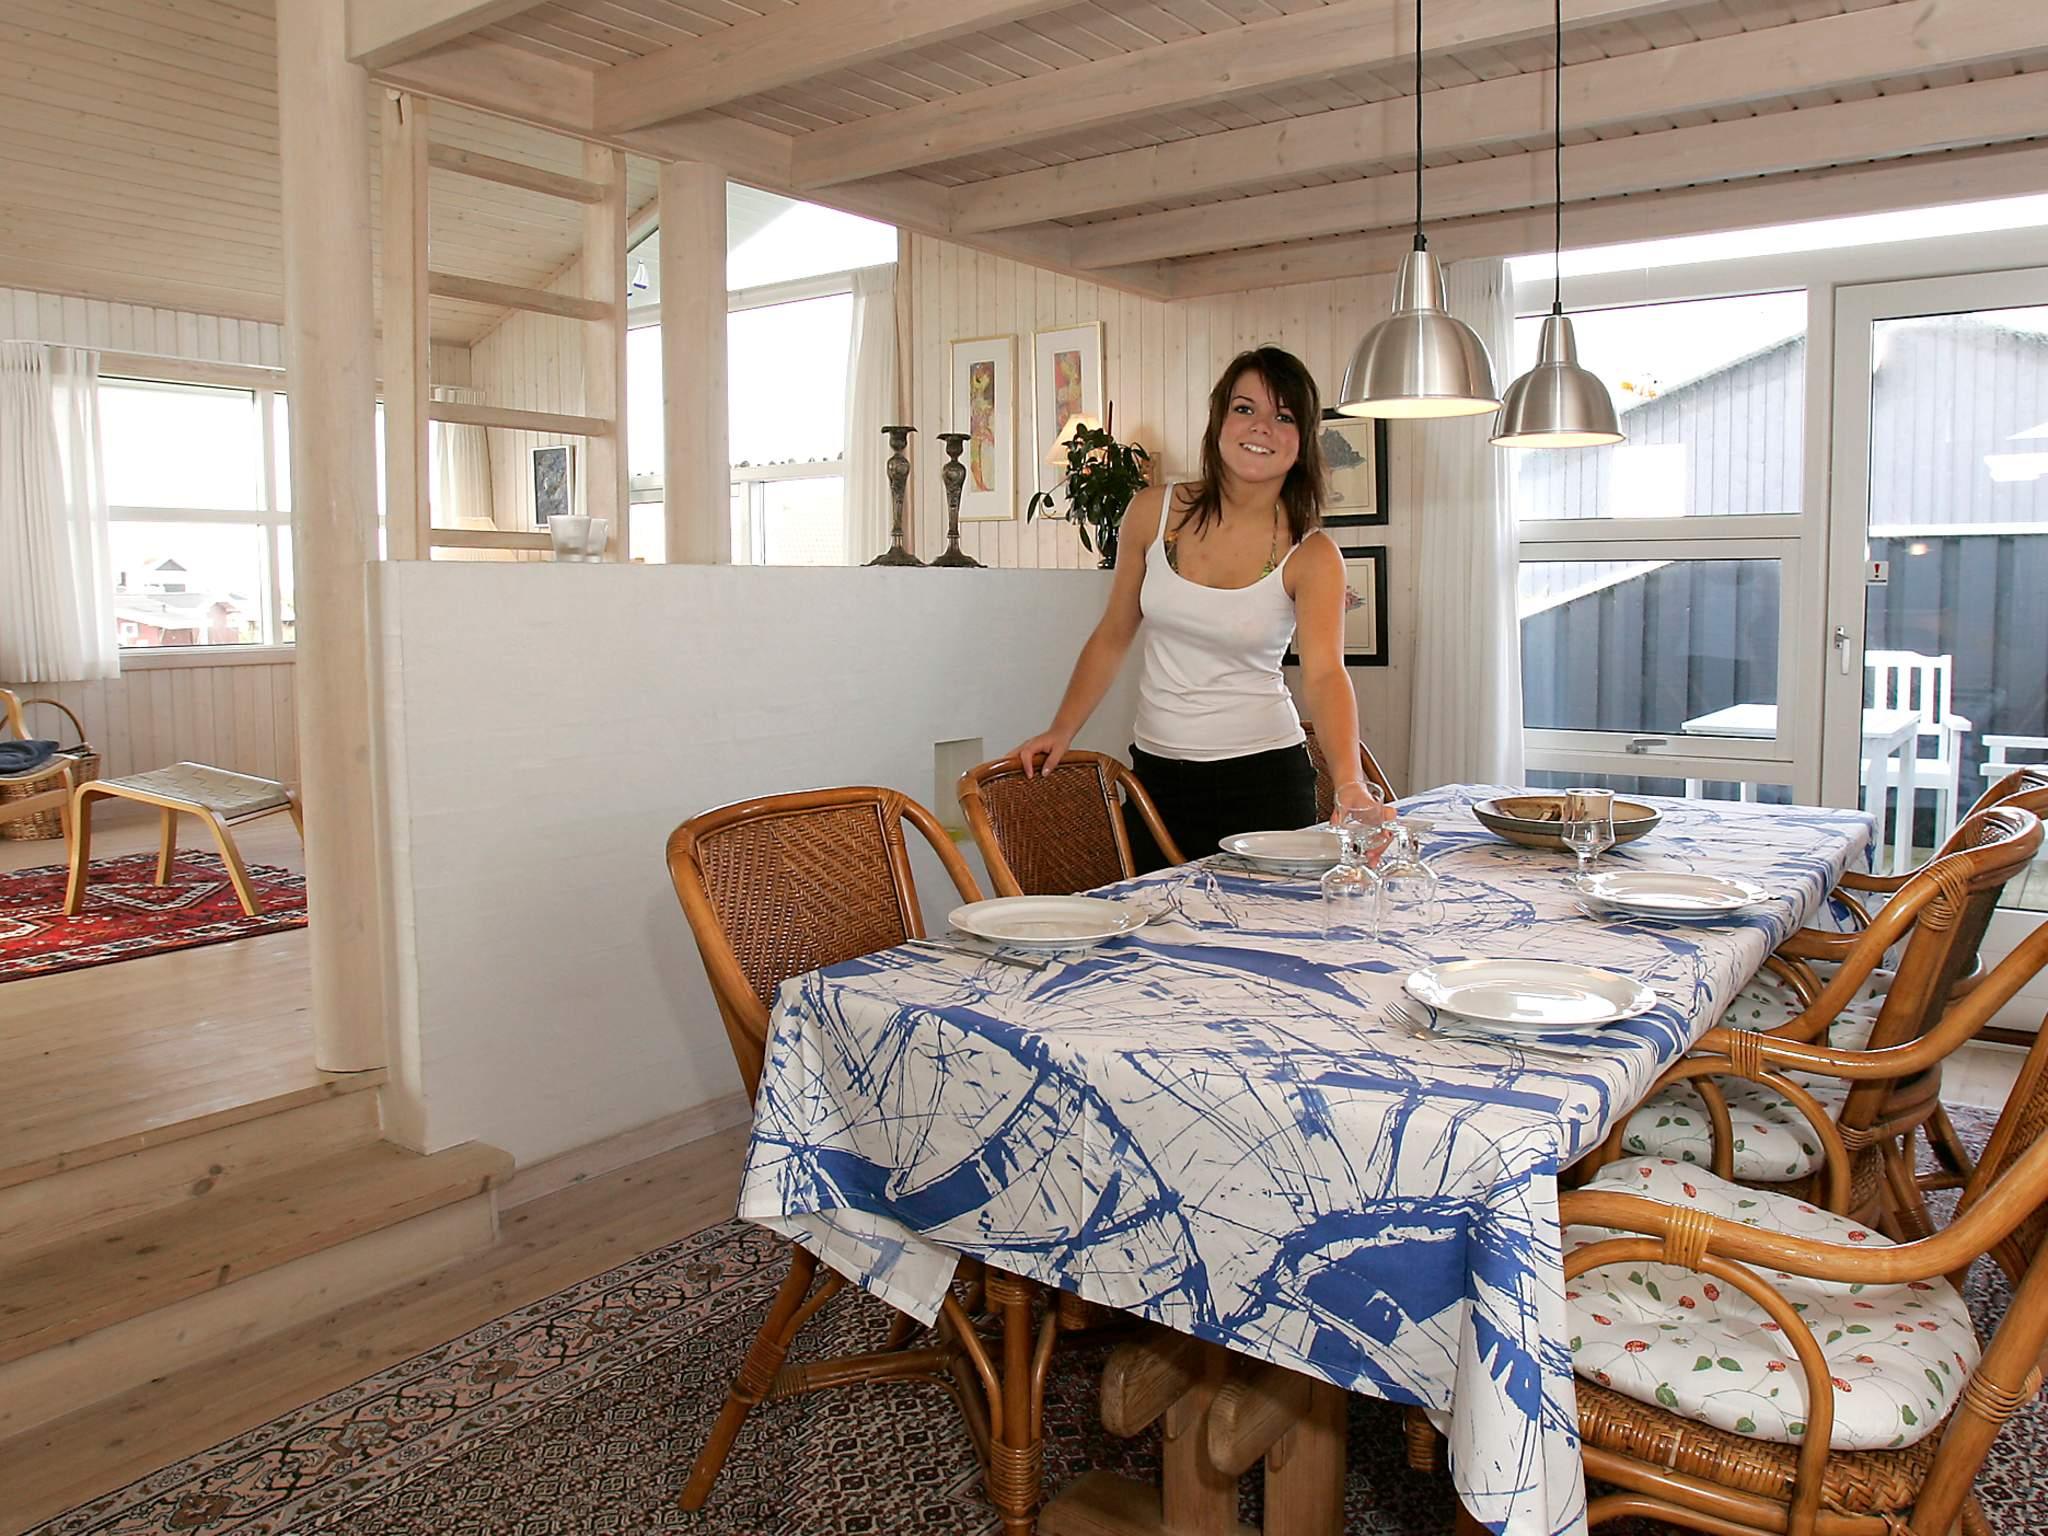 Ferienhaus Blokhus (83332), Blokhus, , Nordwestjütland, Dänemark, Bild 17